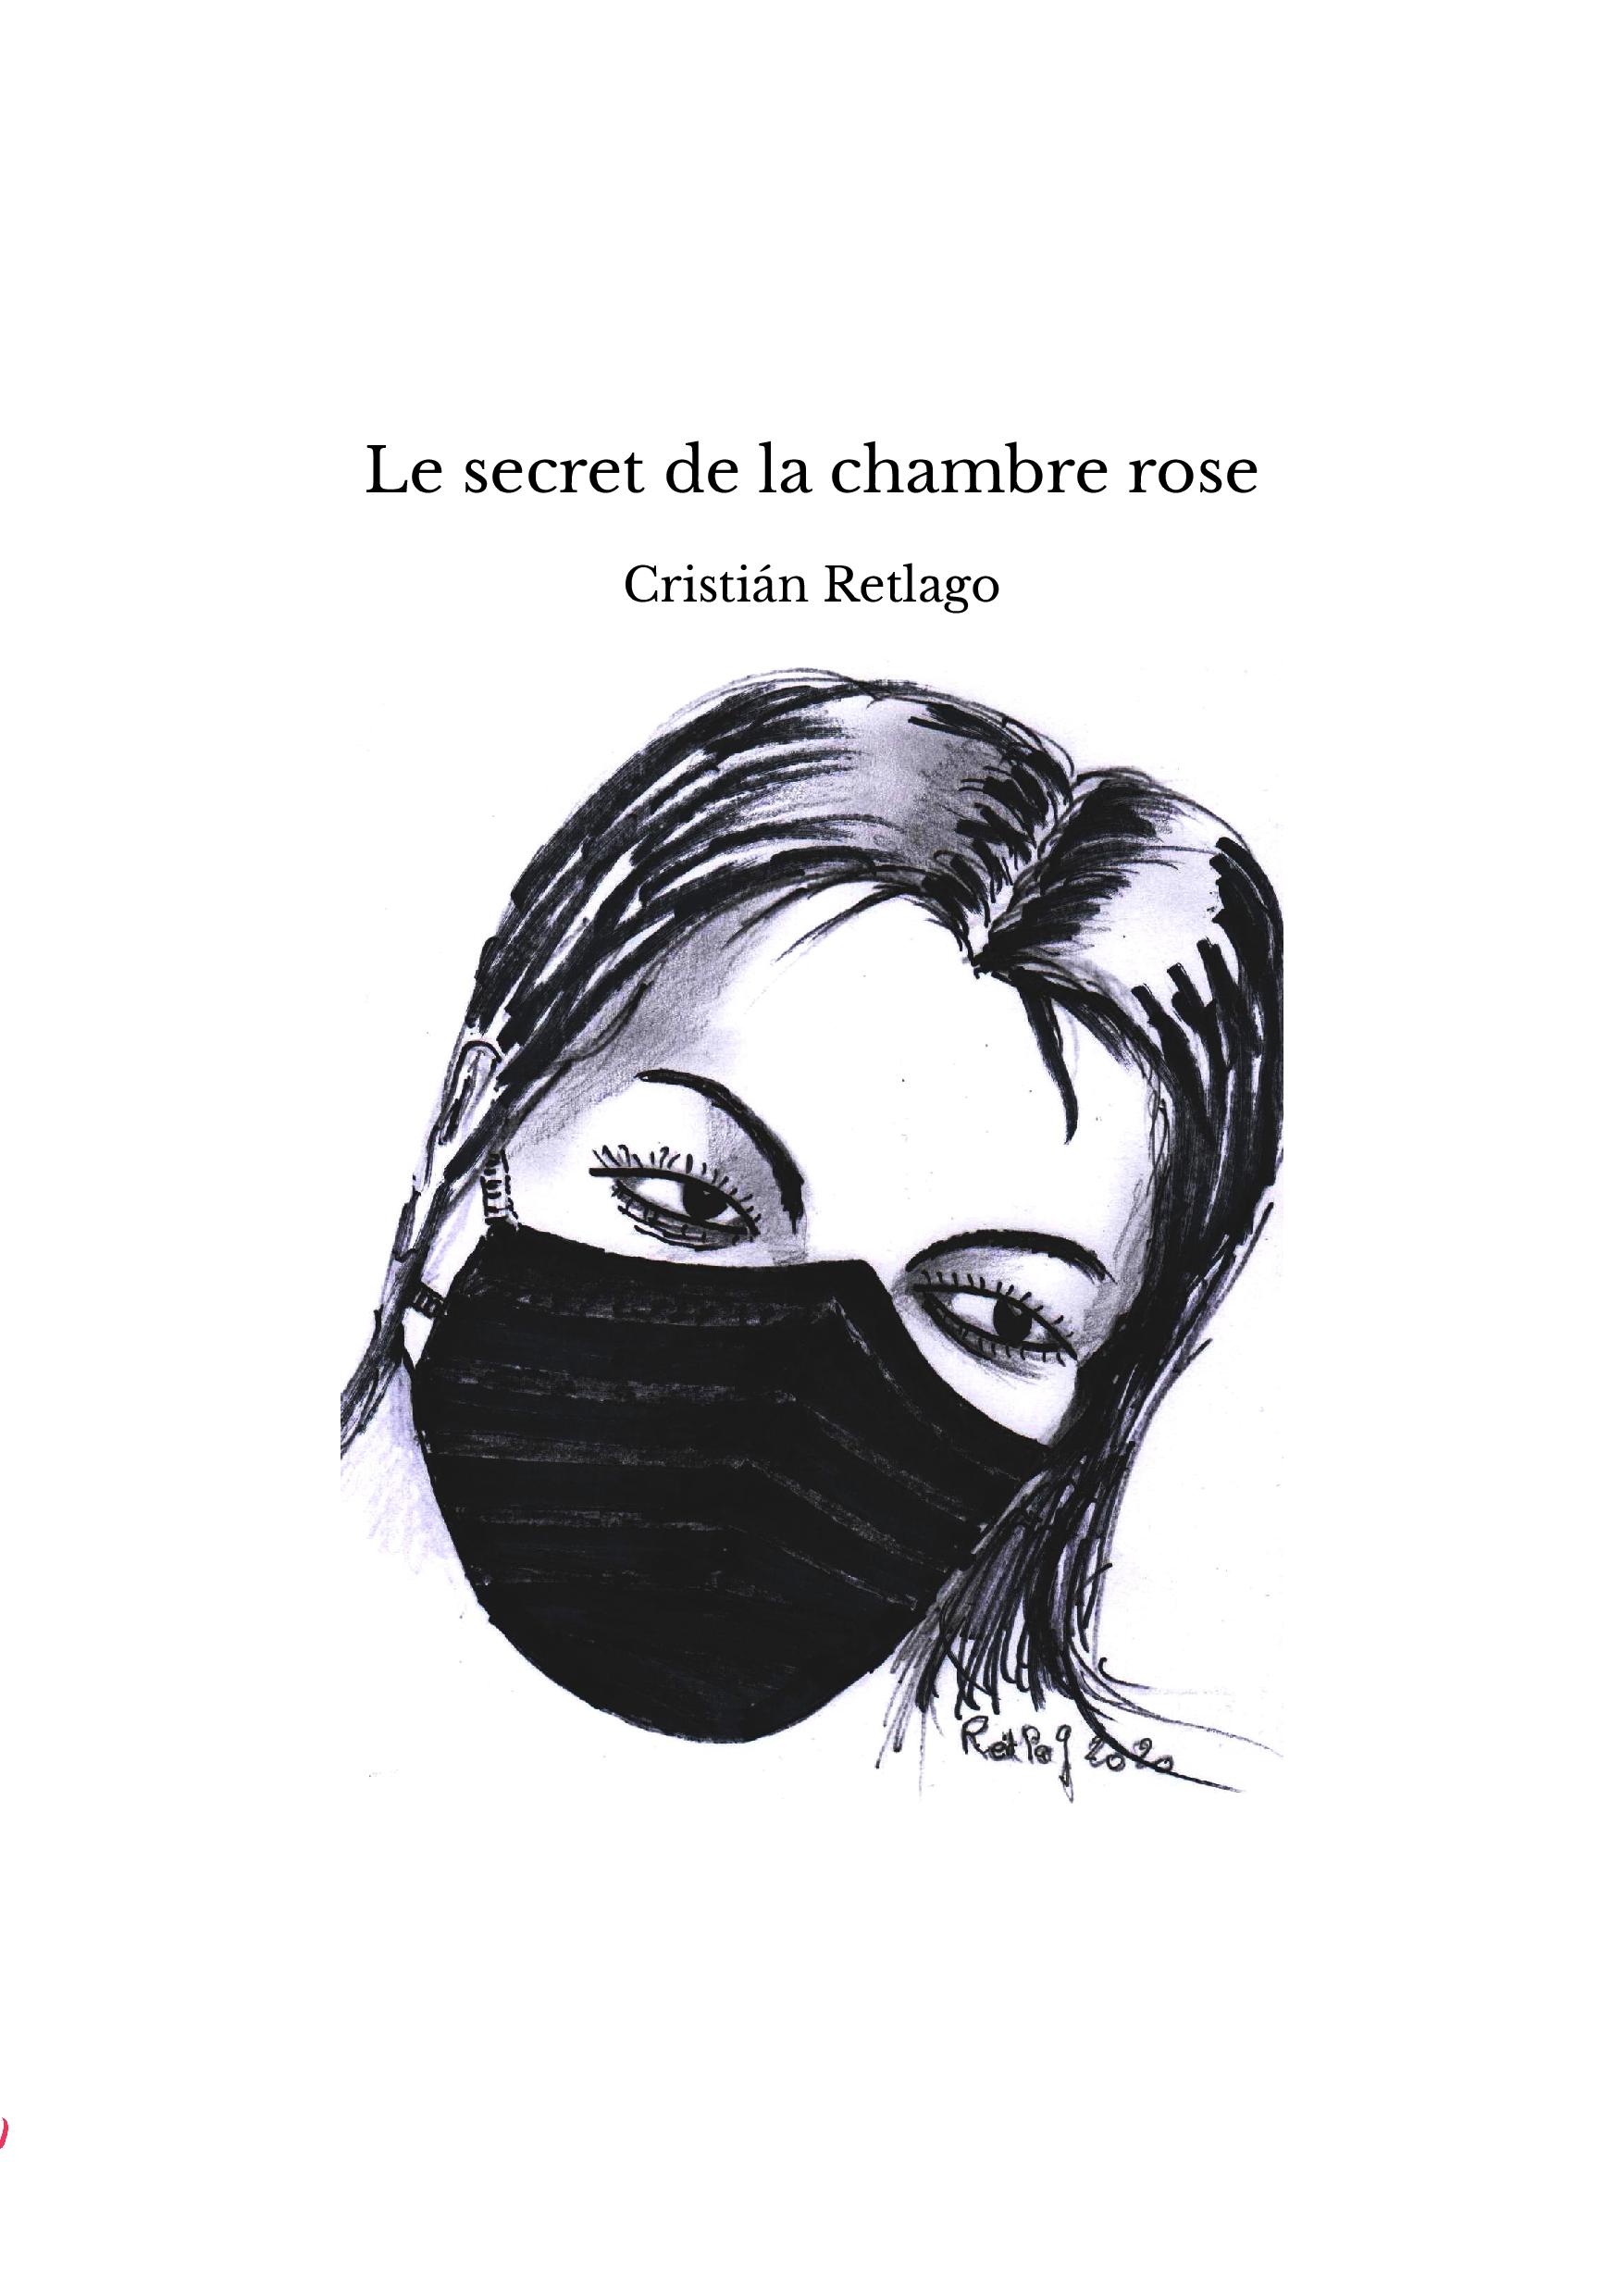 Le secret de la chambre rose